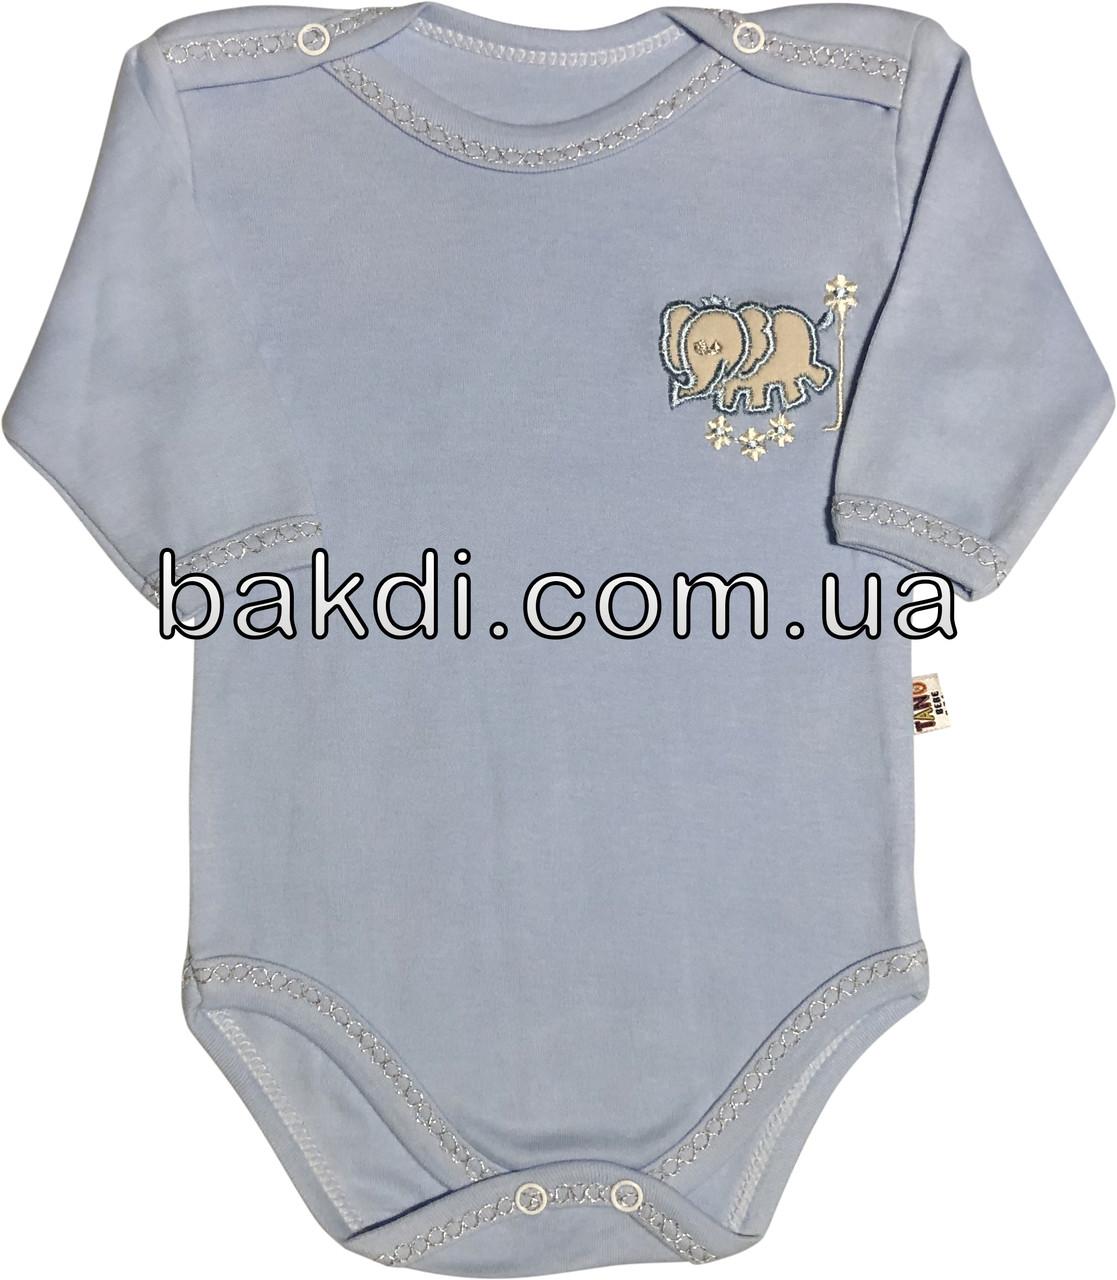 Детское боди на мальчика рост 68 3-6 мес для новорожденных трикотажное с четвертным рукавом голубое